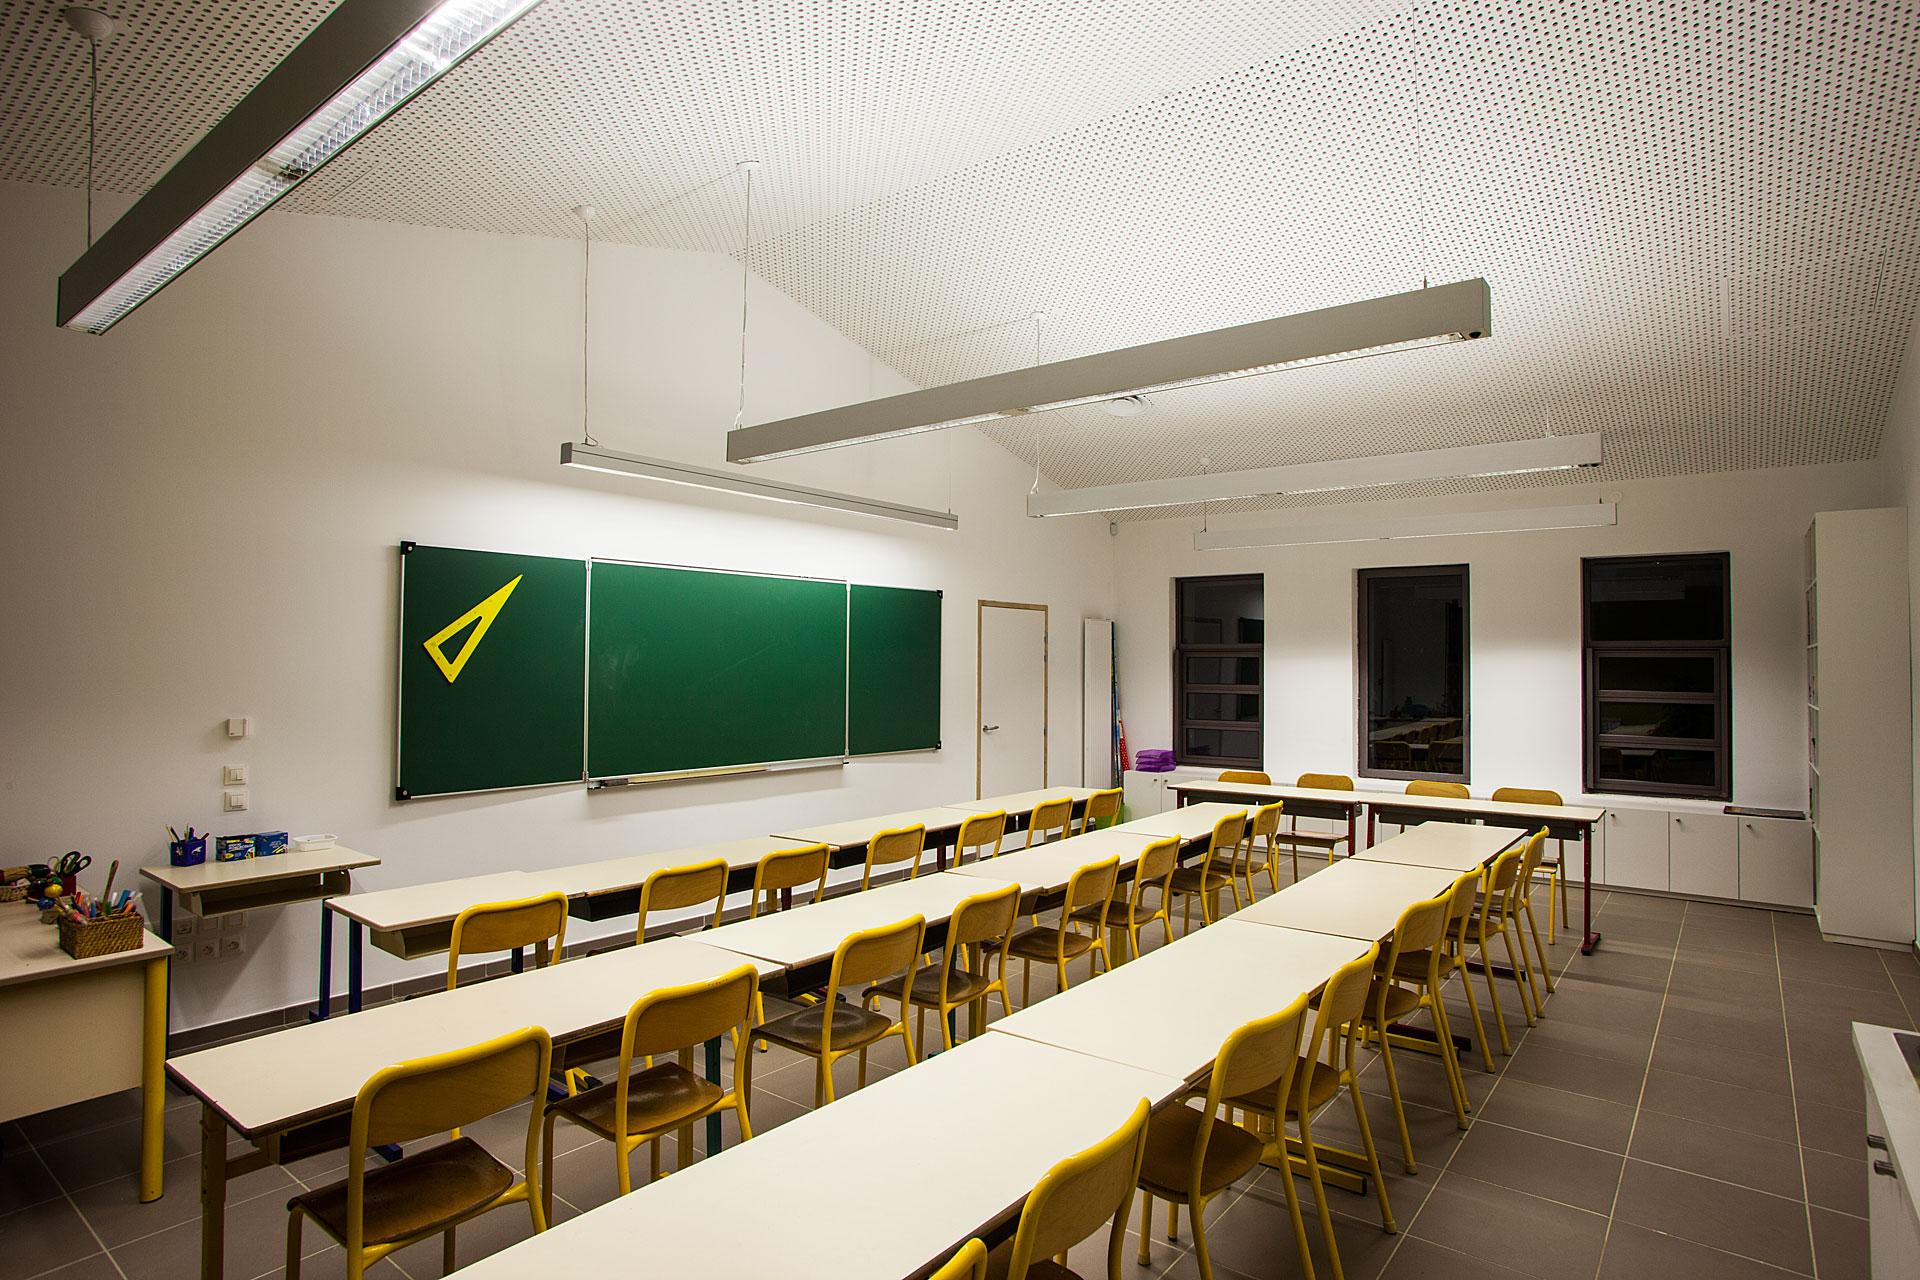 Eclairage d'une classe du Pole enseignement Loisir Jeunesse de Bouc bel air